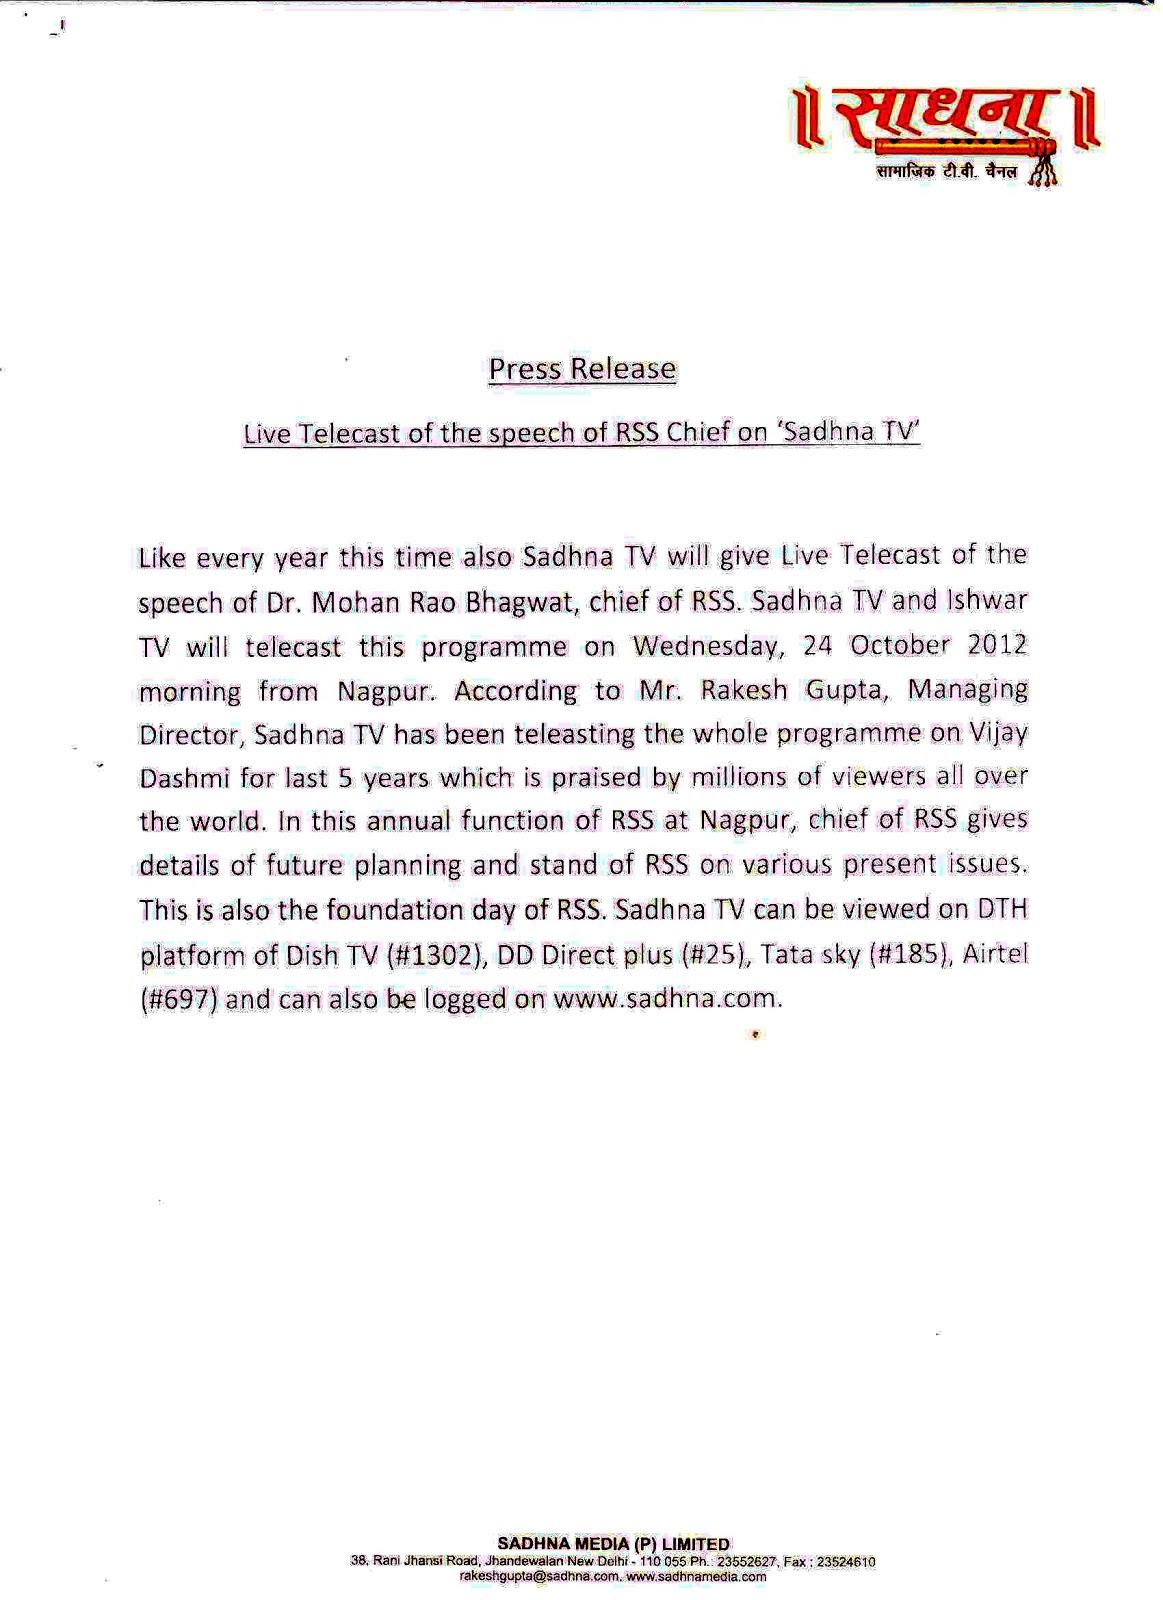 Direct telecast by Sadhana TV - Vijayadasami Karyakram